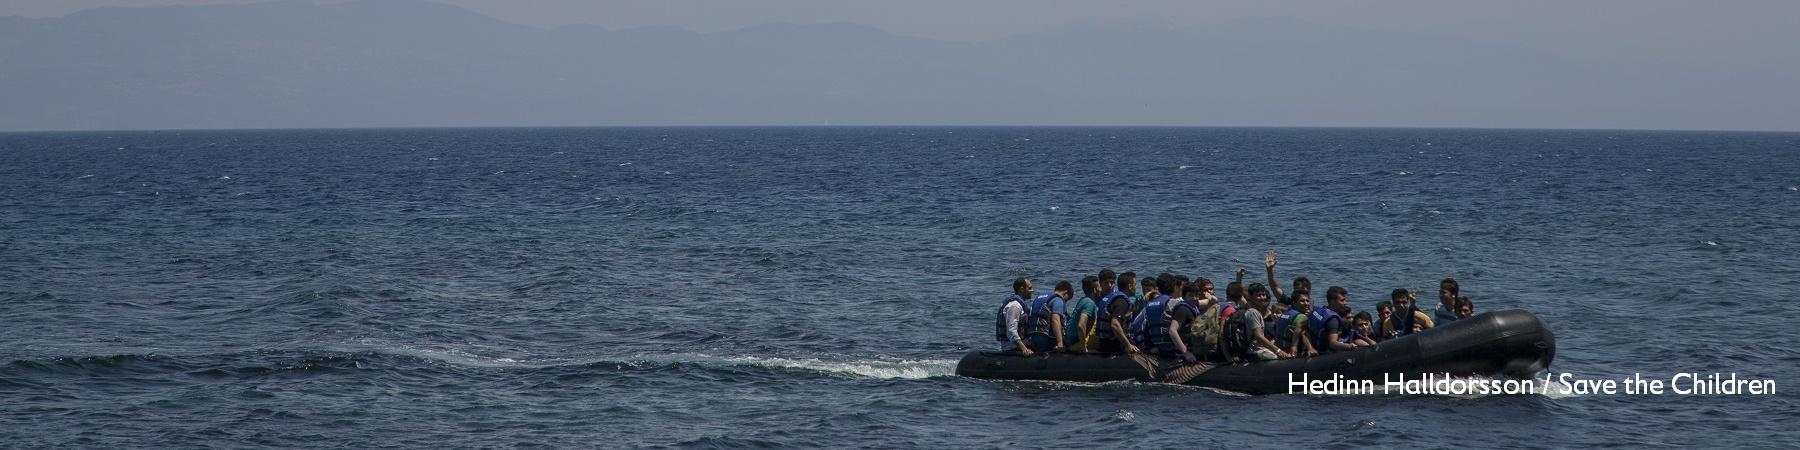 Gommone di migranti in mare.